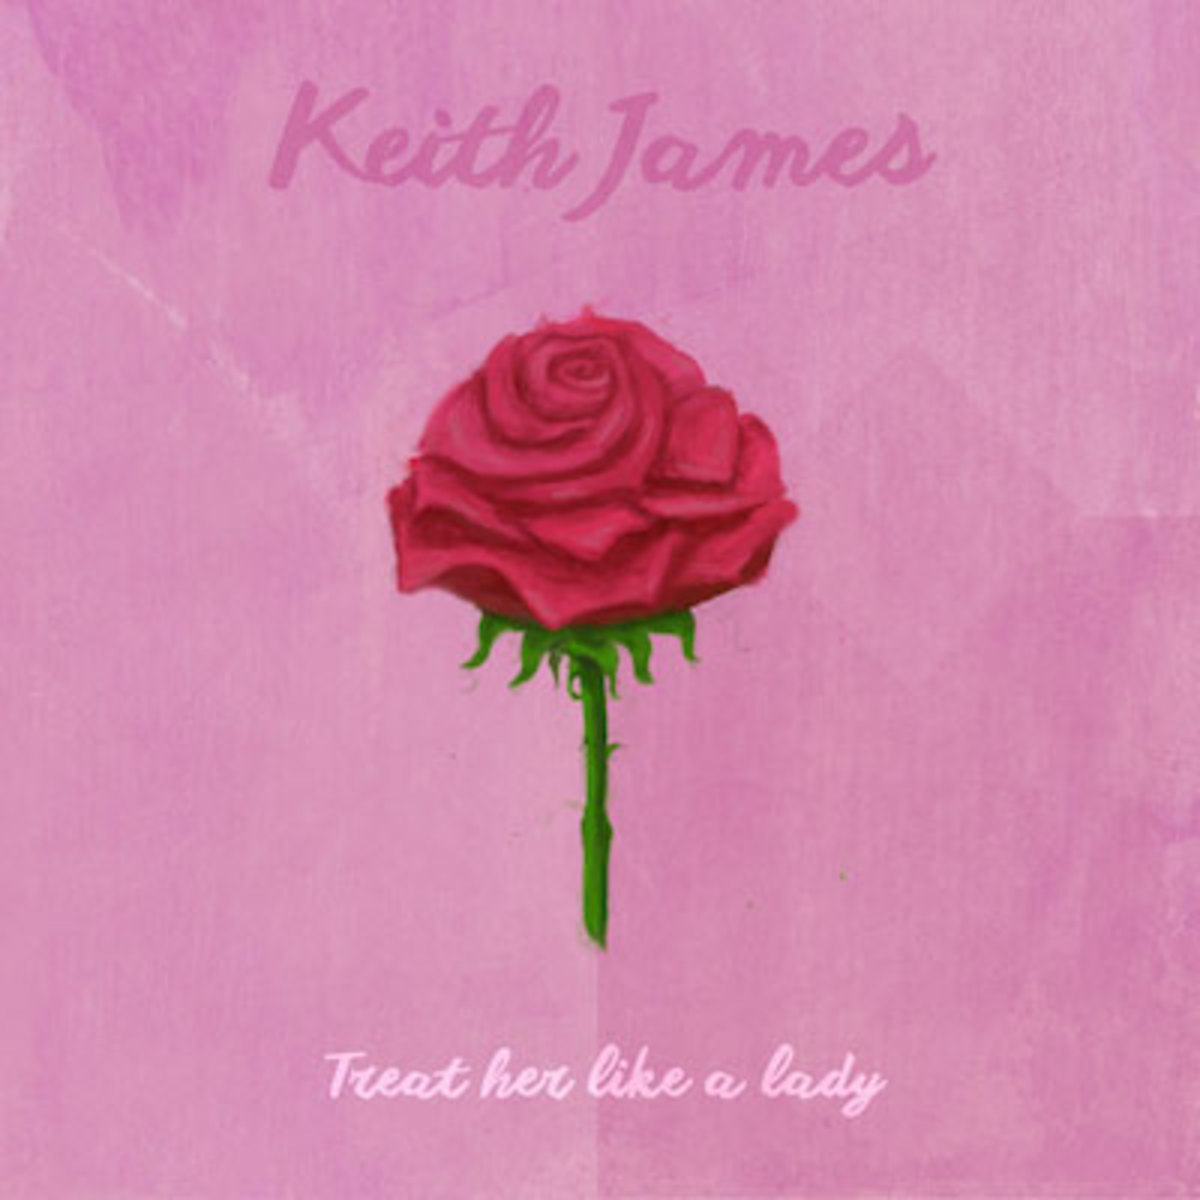 keith-james-treat-her-like-a-lady.jpg